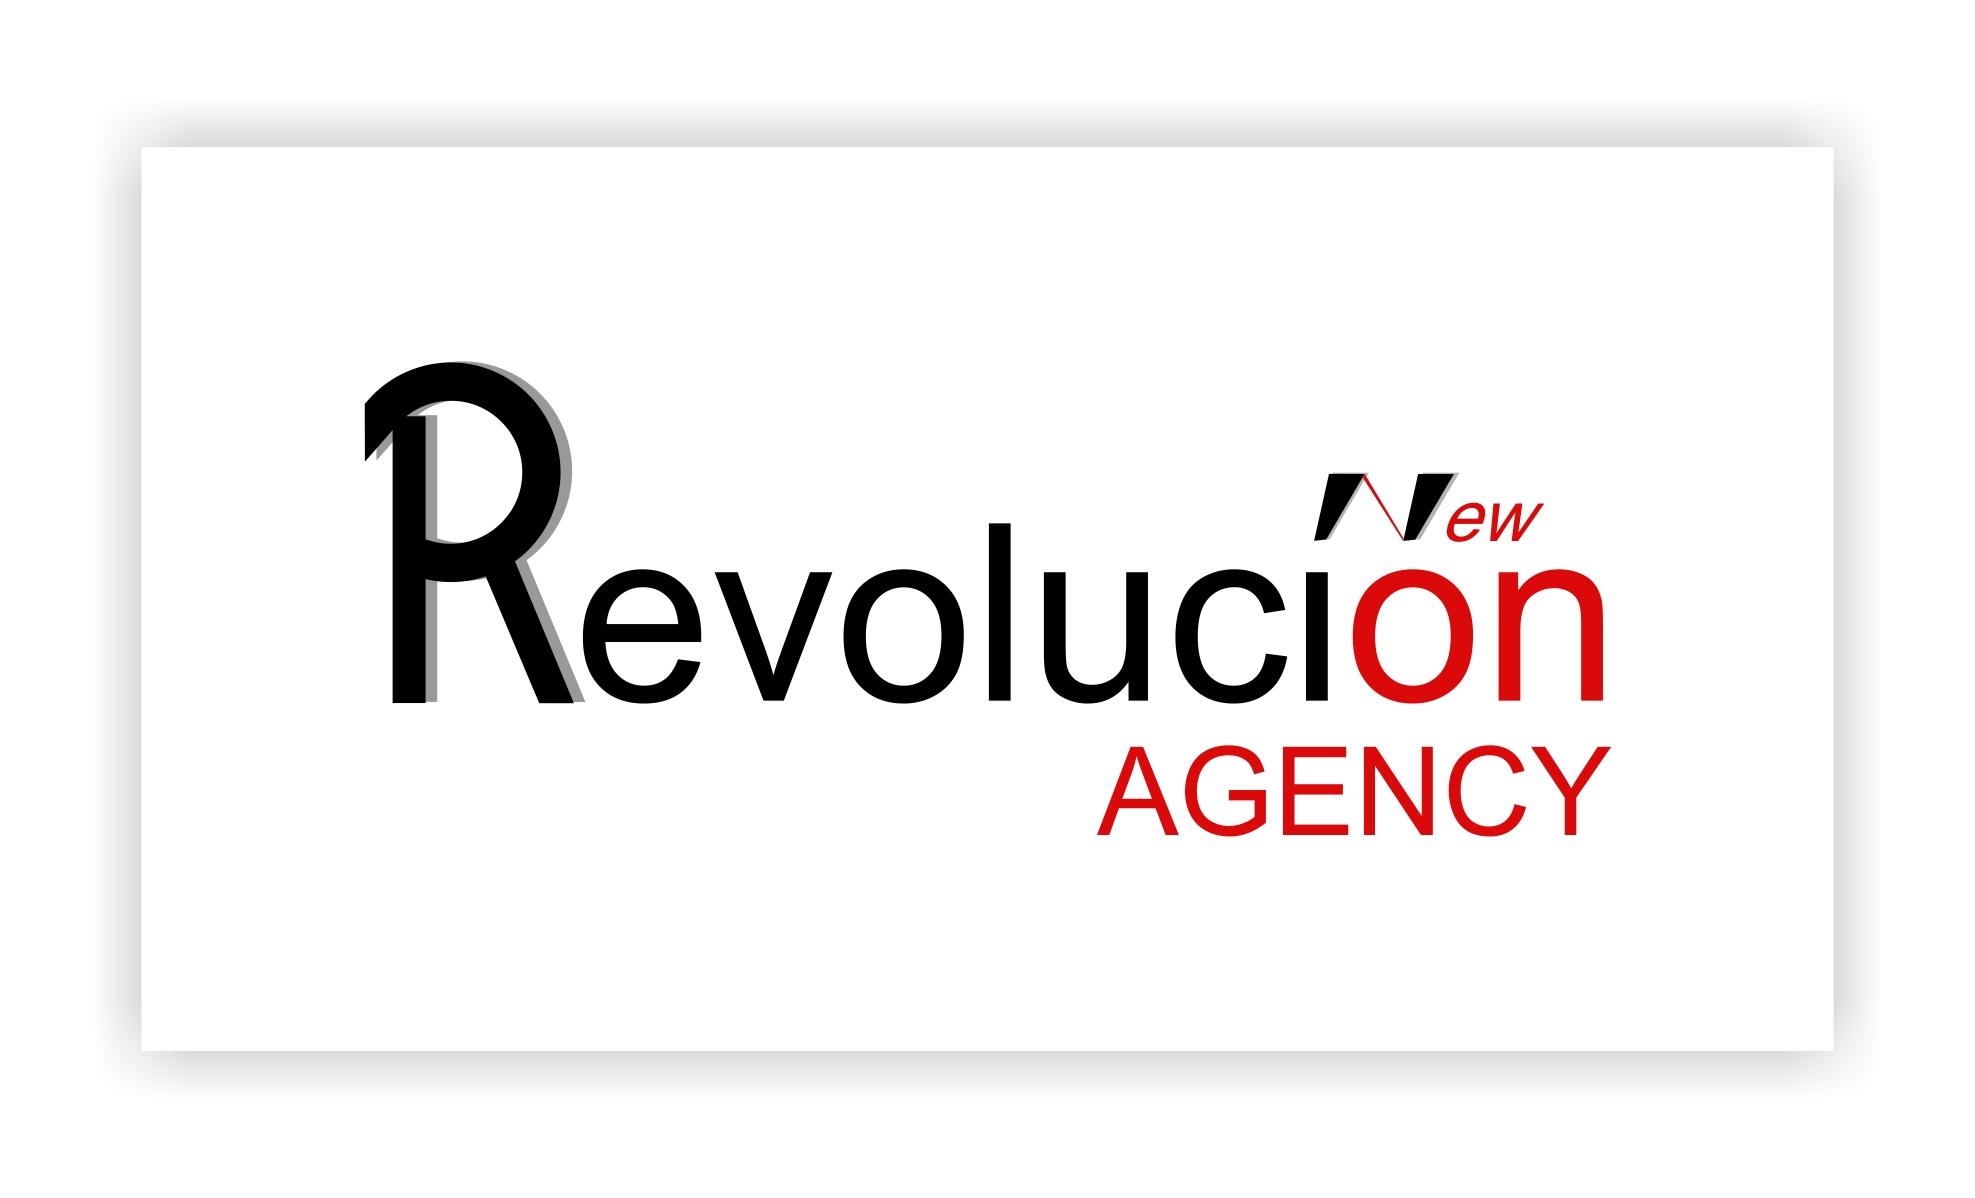 Разработка логотипа и фир. стиля агенству Revolución фото f_4fb8eea0d0318.jpg